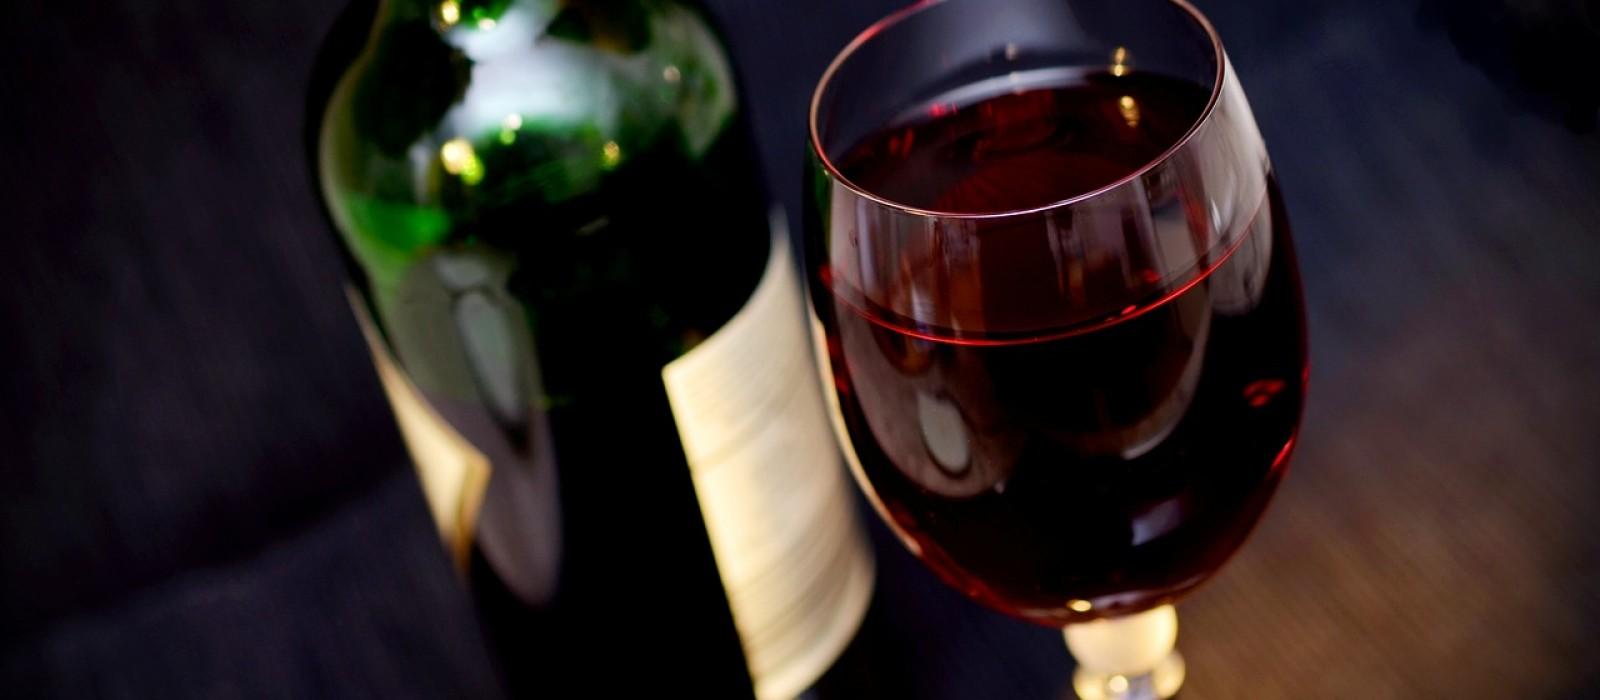 http://strefamice.pl/wp-content/uploads/2014/12/wine-541922_1280-1600x700_1.jpg